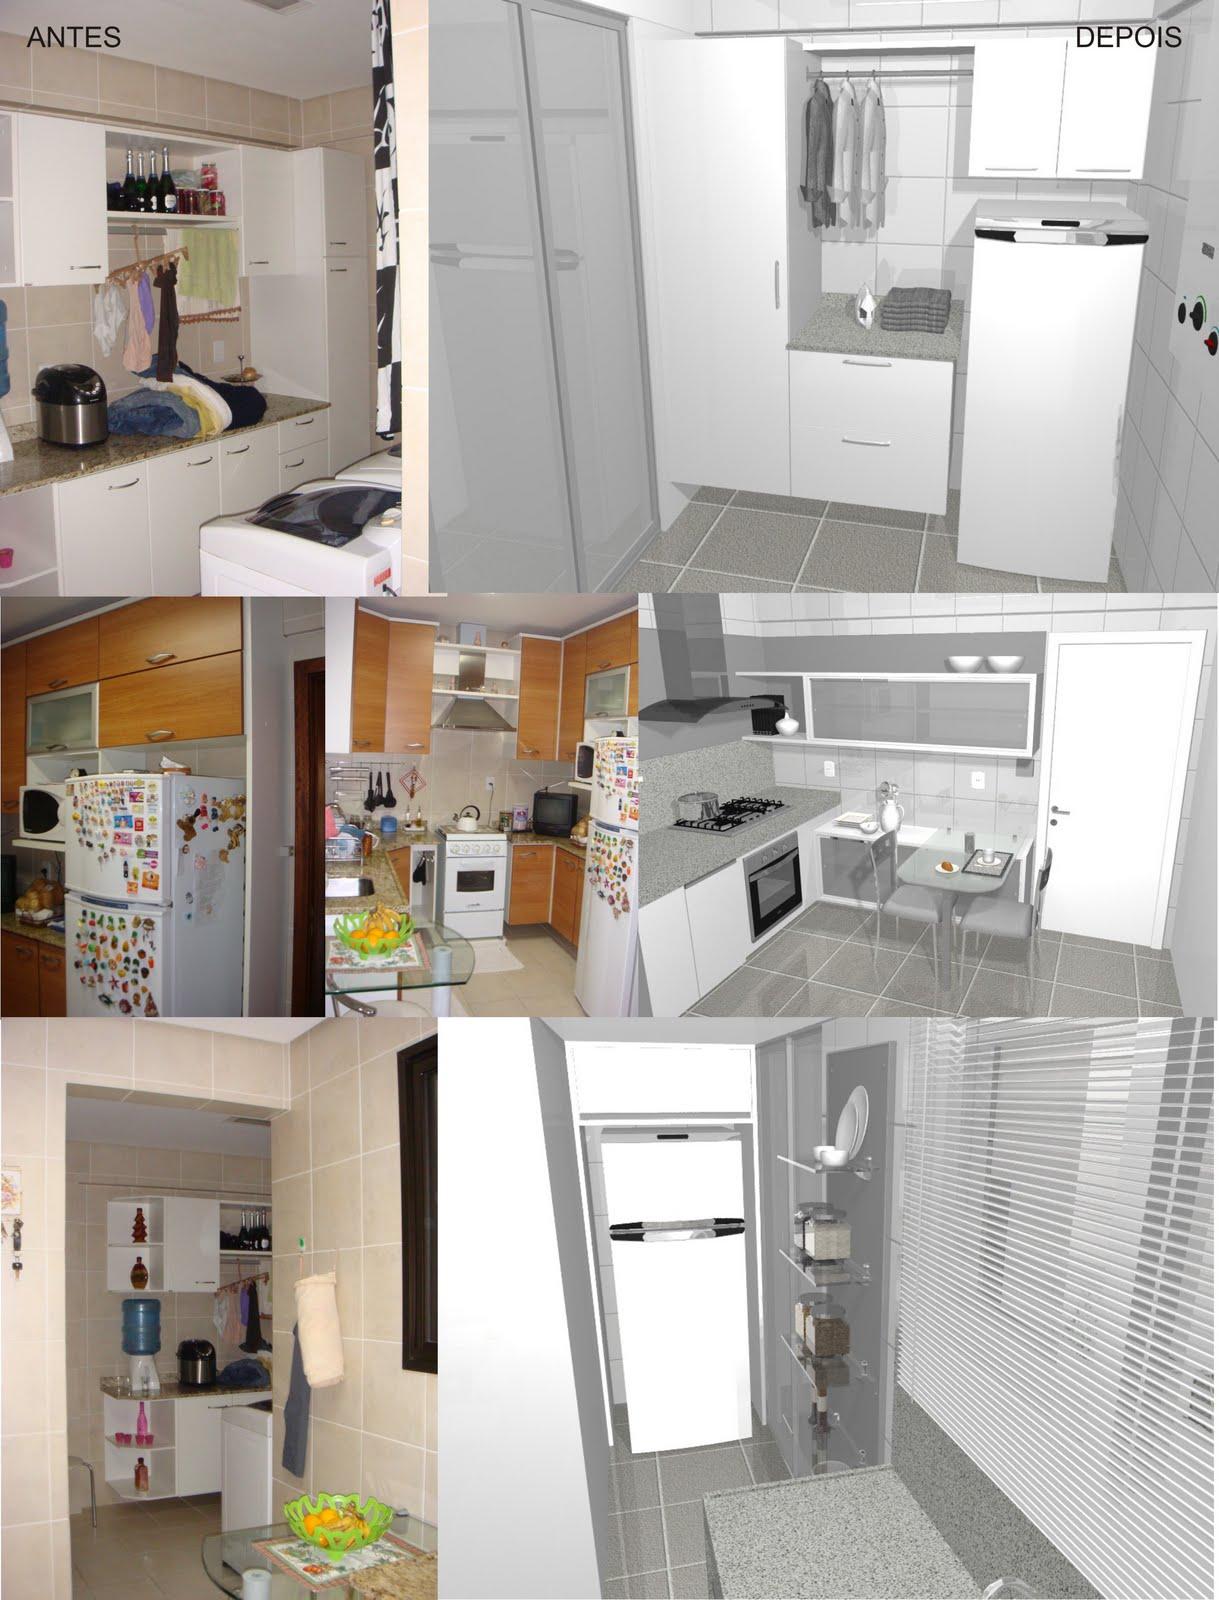 projeto de reforma de uma cozinha e uma lavanderia o desafio do  #A27529 1219 1600